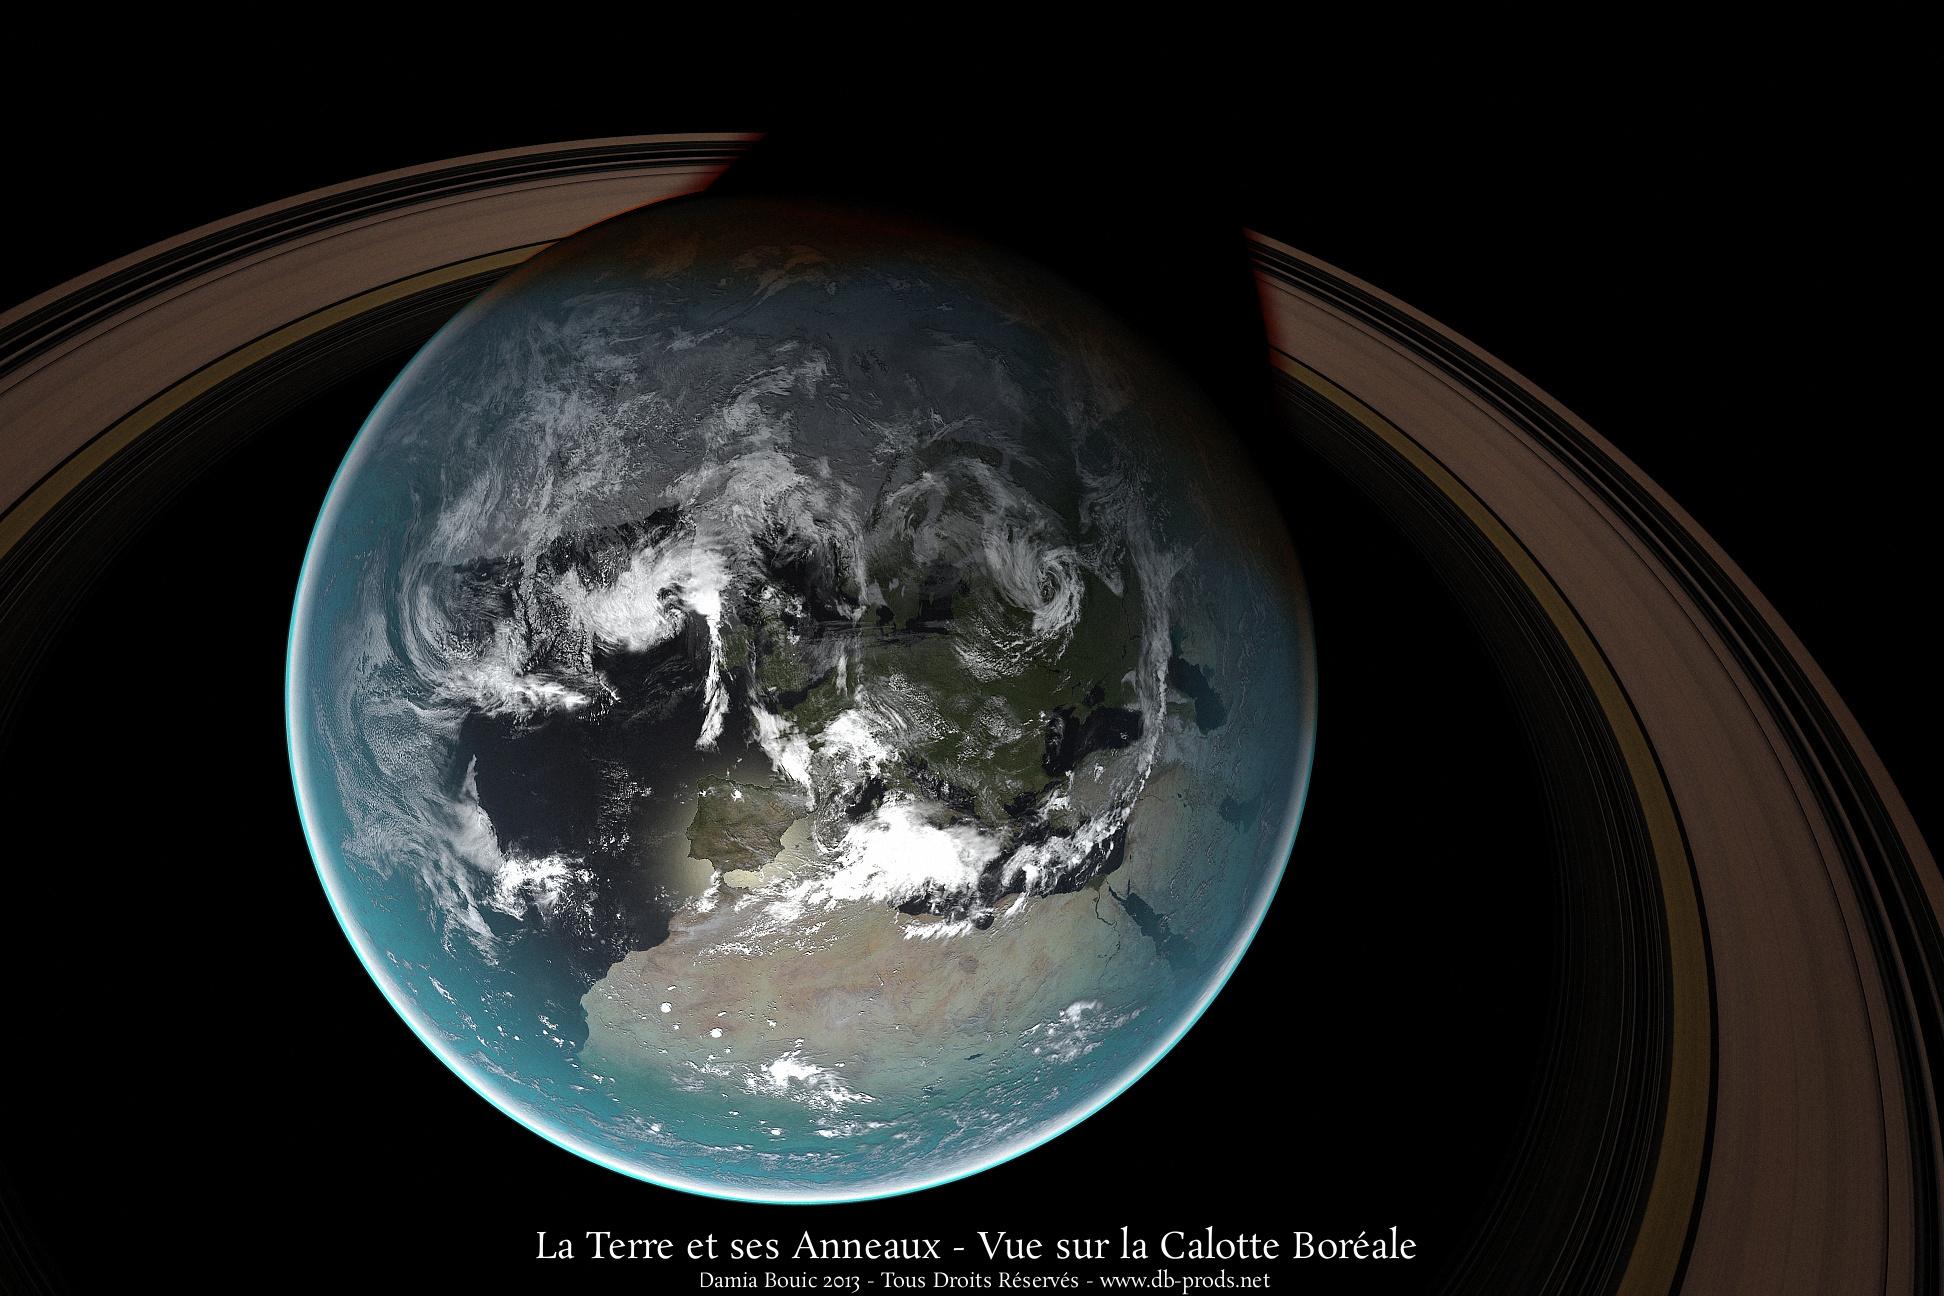 Terre-Anneaux-blender-26-HiRes_web